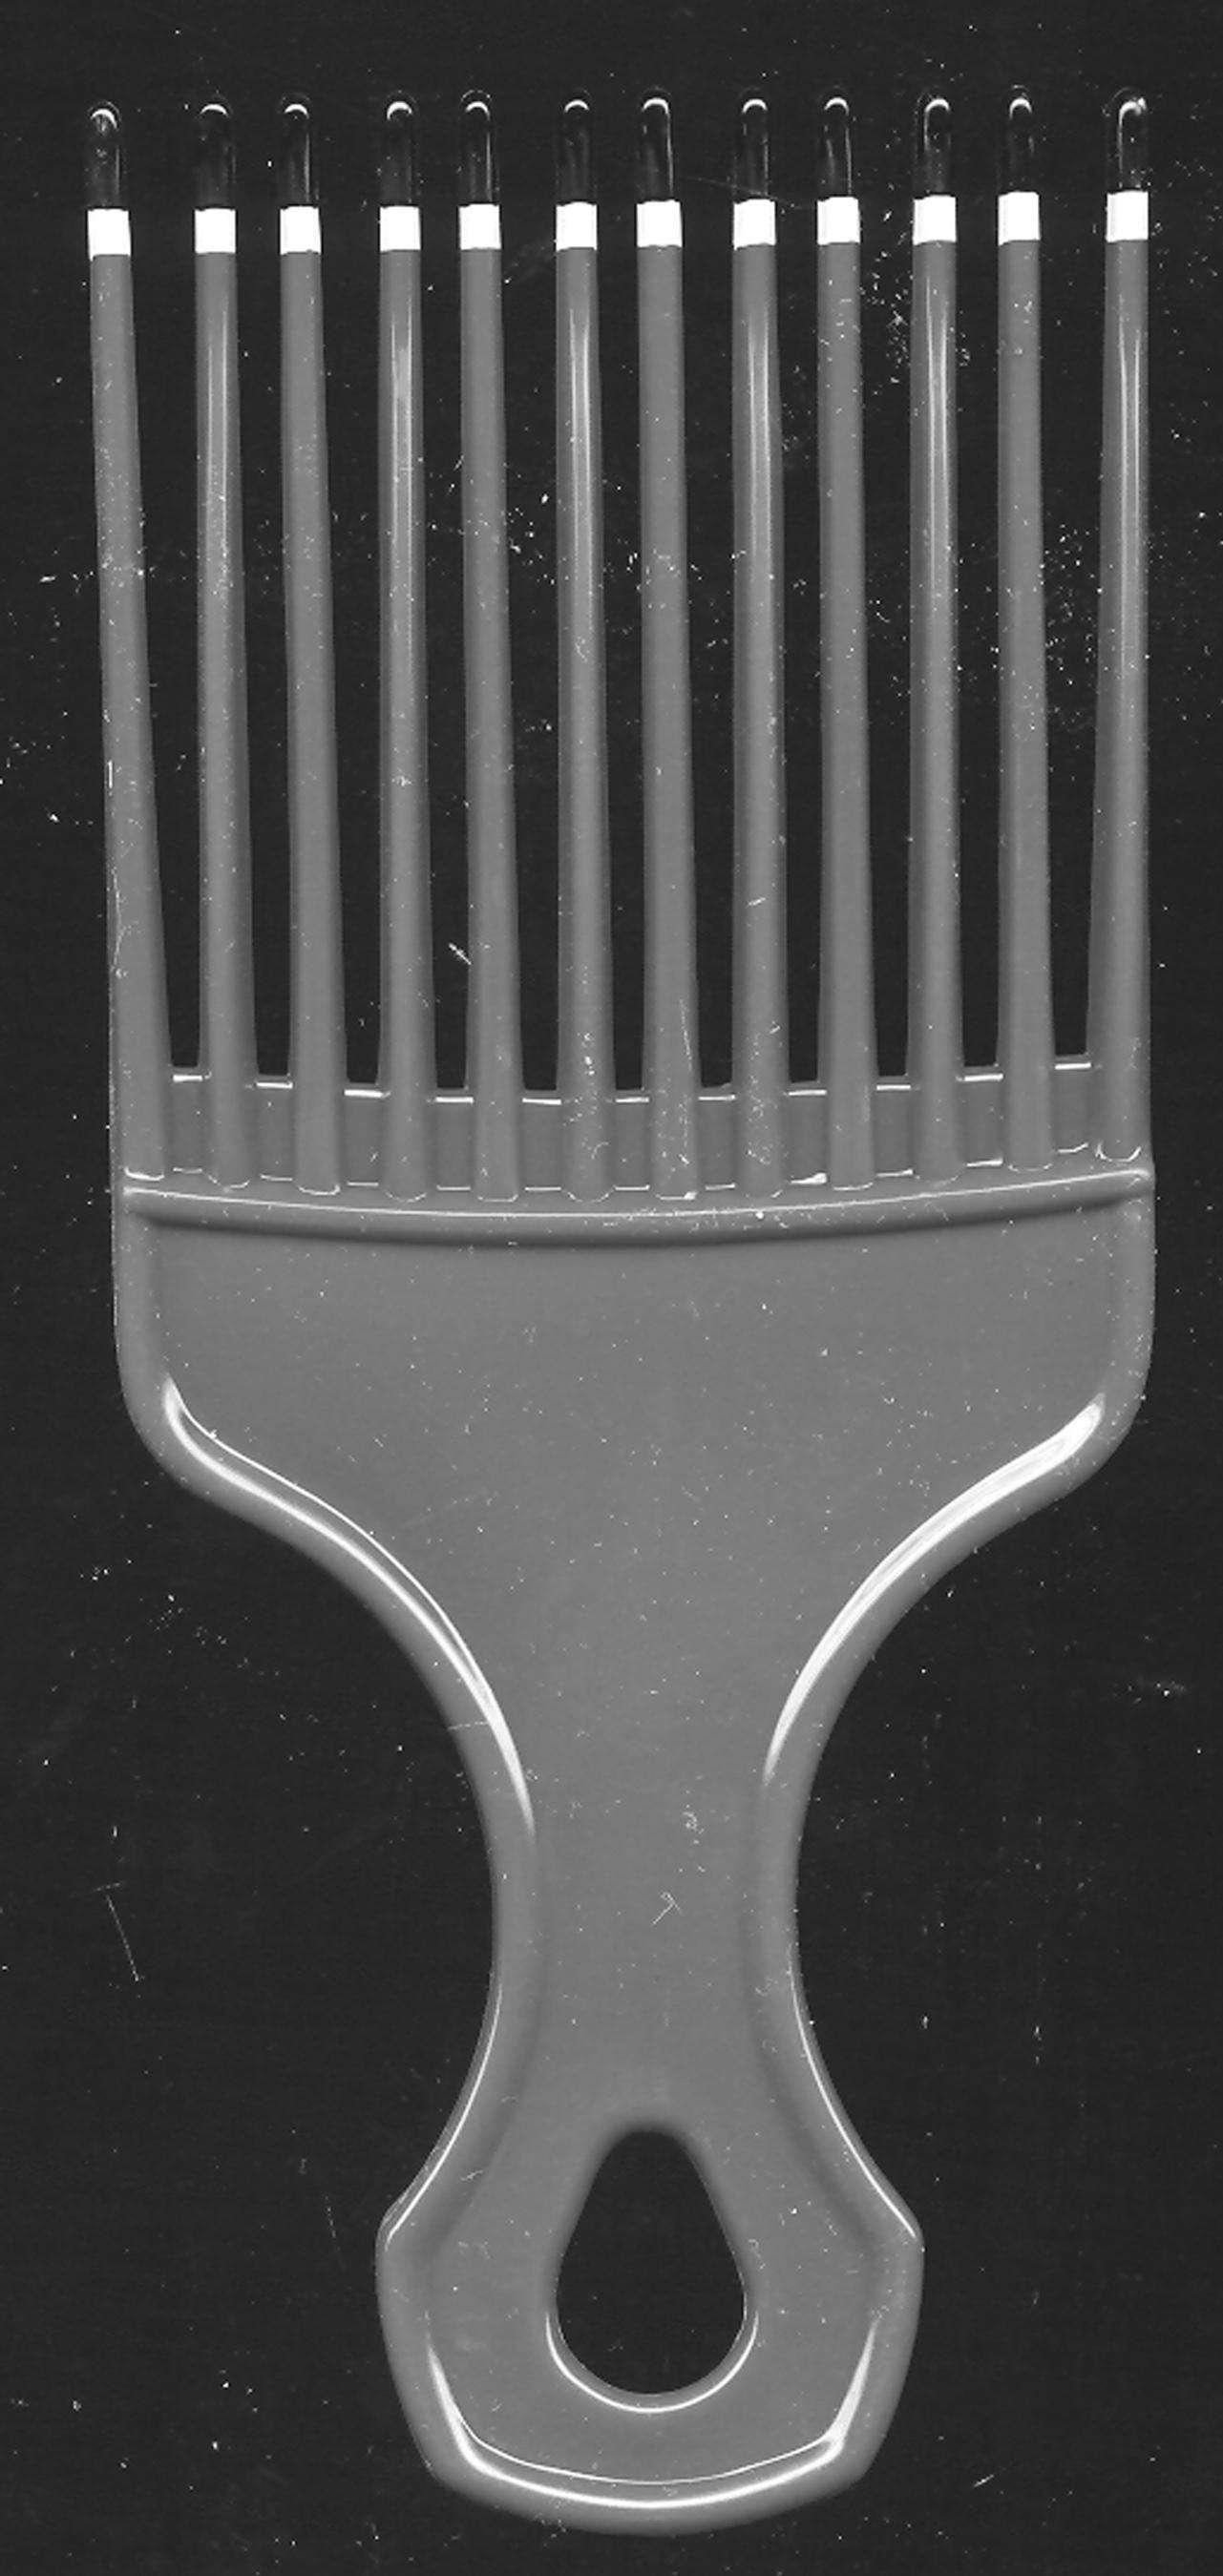 Large Size Lift Comb - Label